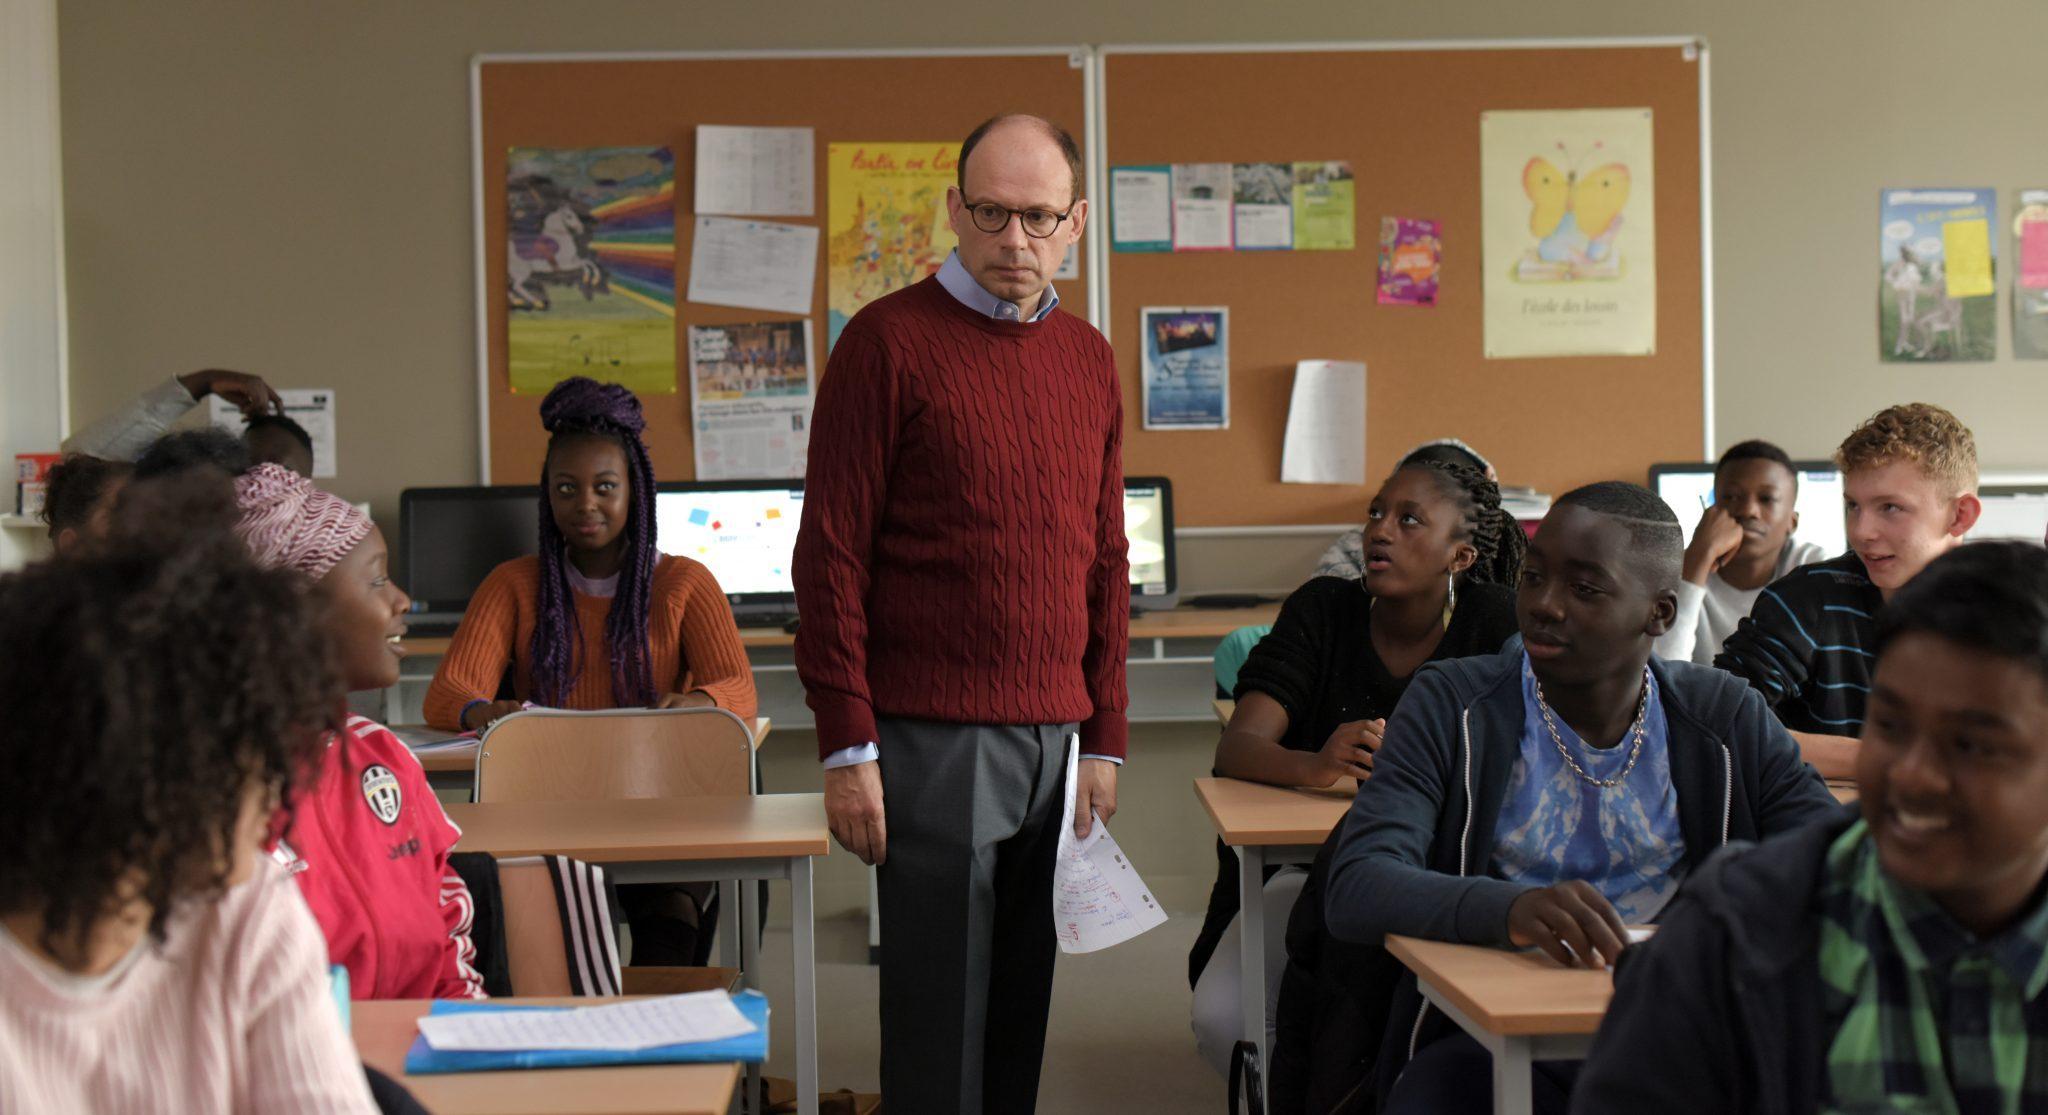 Cena de O Melhor Professor da Minha Vida, com o professor Foucault no meio de sua turma.